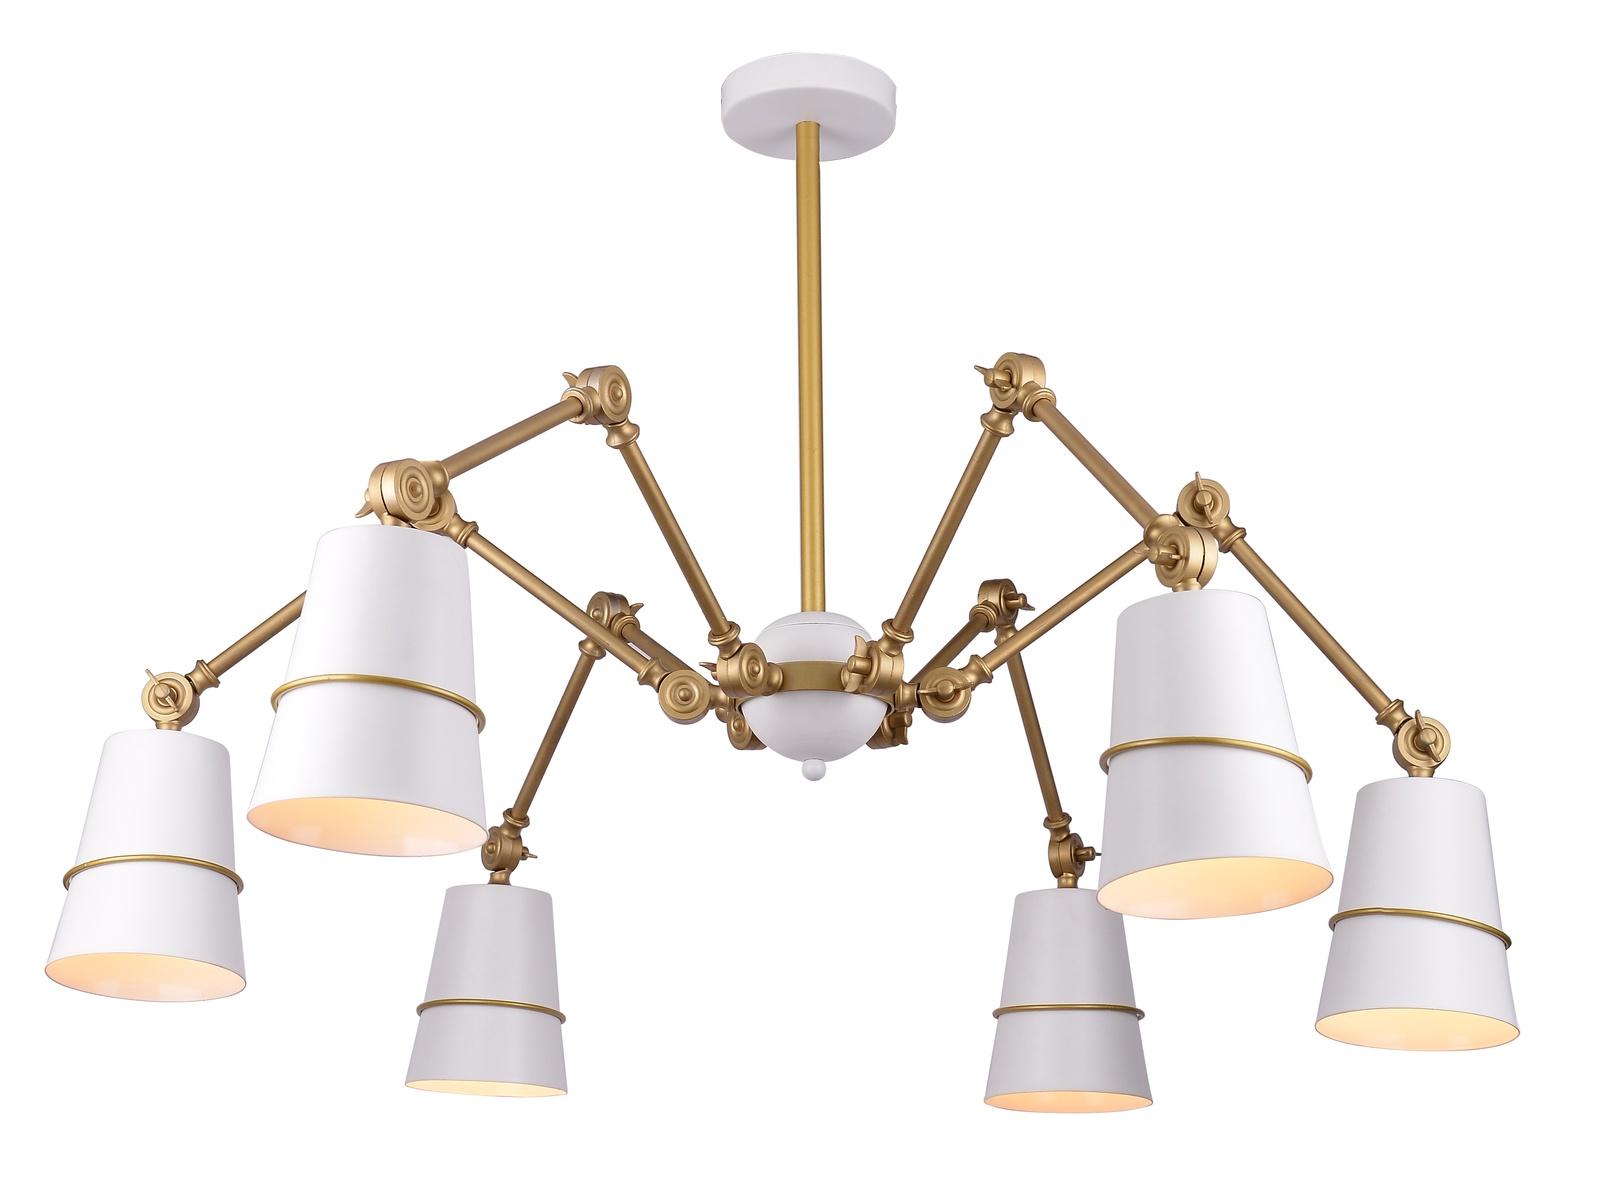 Подвесной светильник Divinare 8035/03 LM-6, E27, 40 Вт люстра divinare reattiva 8035 03 lm 6 подвесная